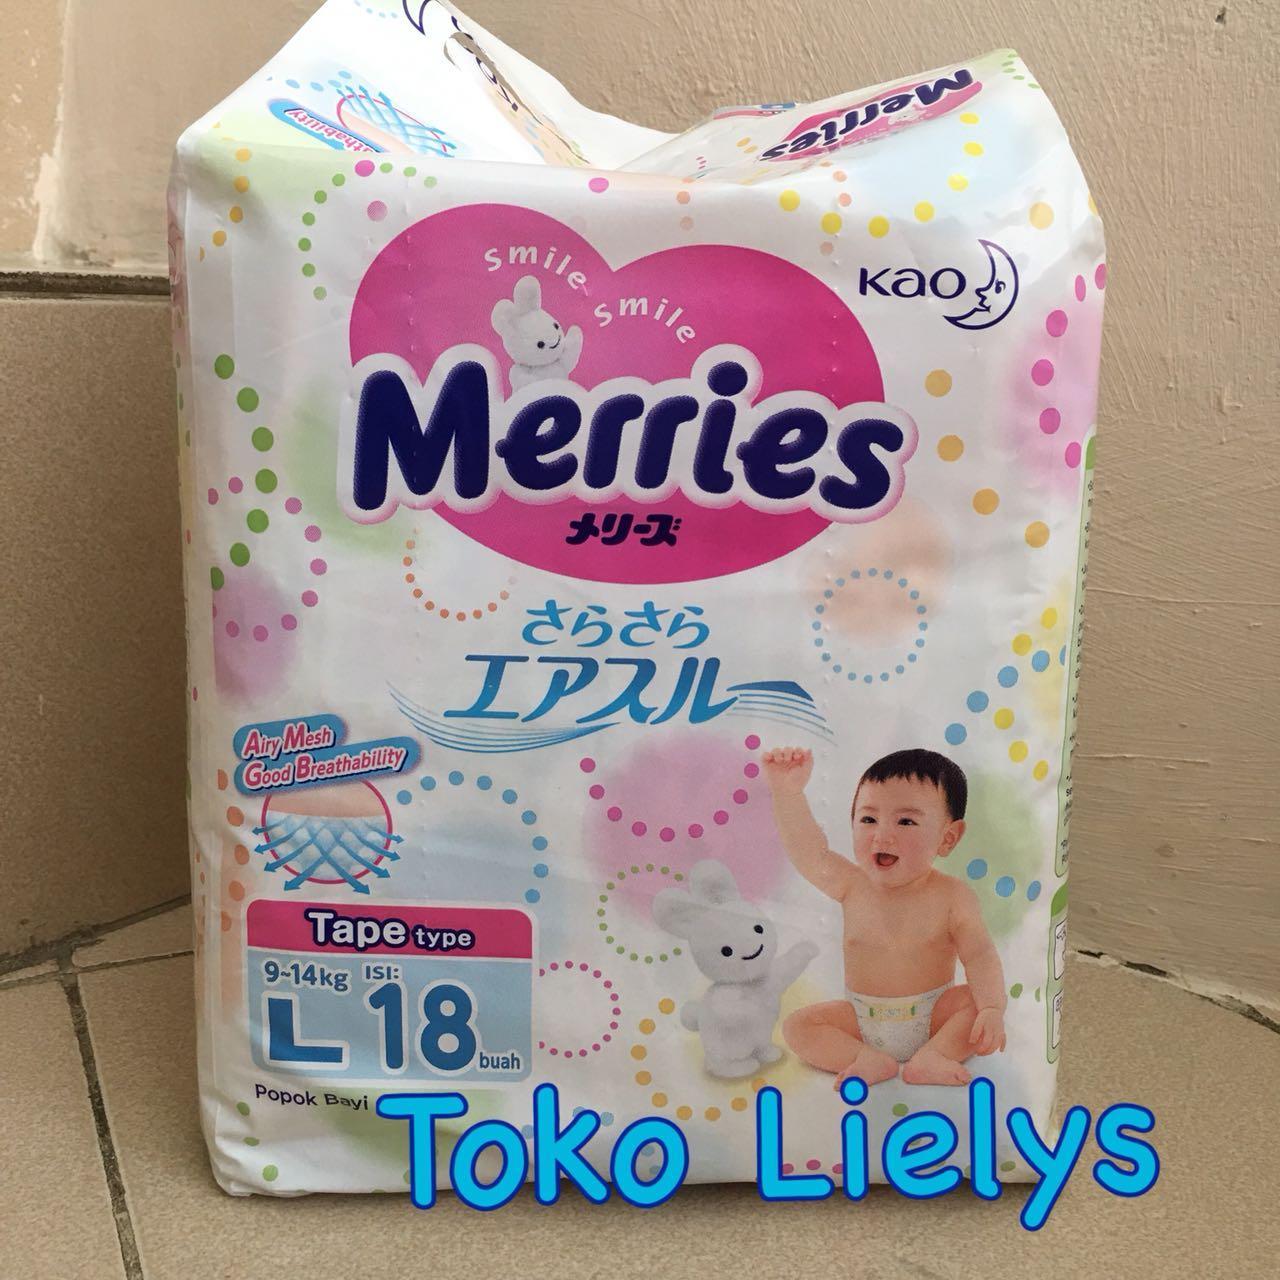 Kehebatan Merries Premium Tape L32 Popok Perekat L 32 Dan Goon Excellent Dry L18 18